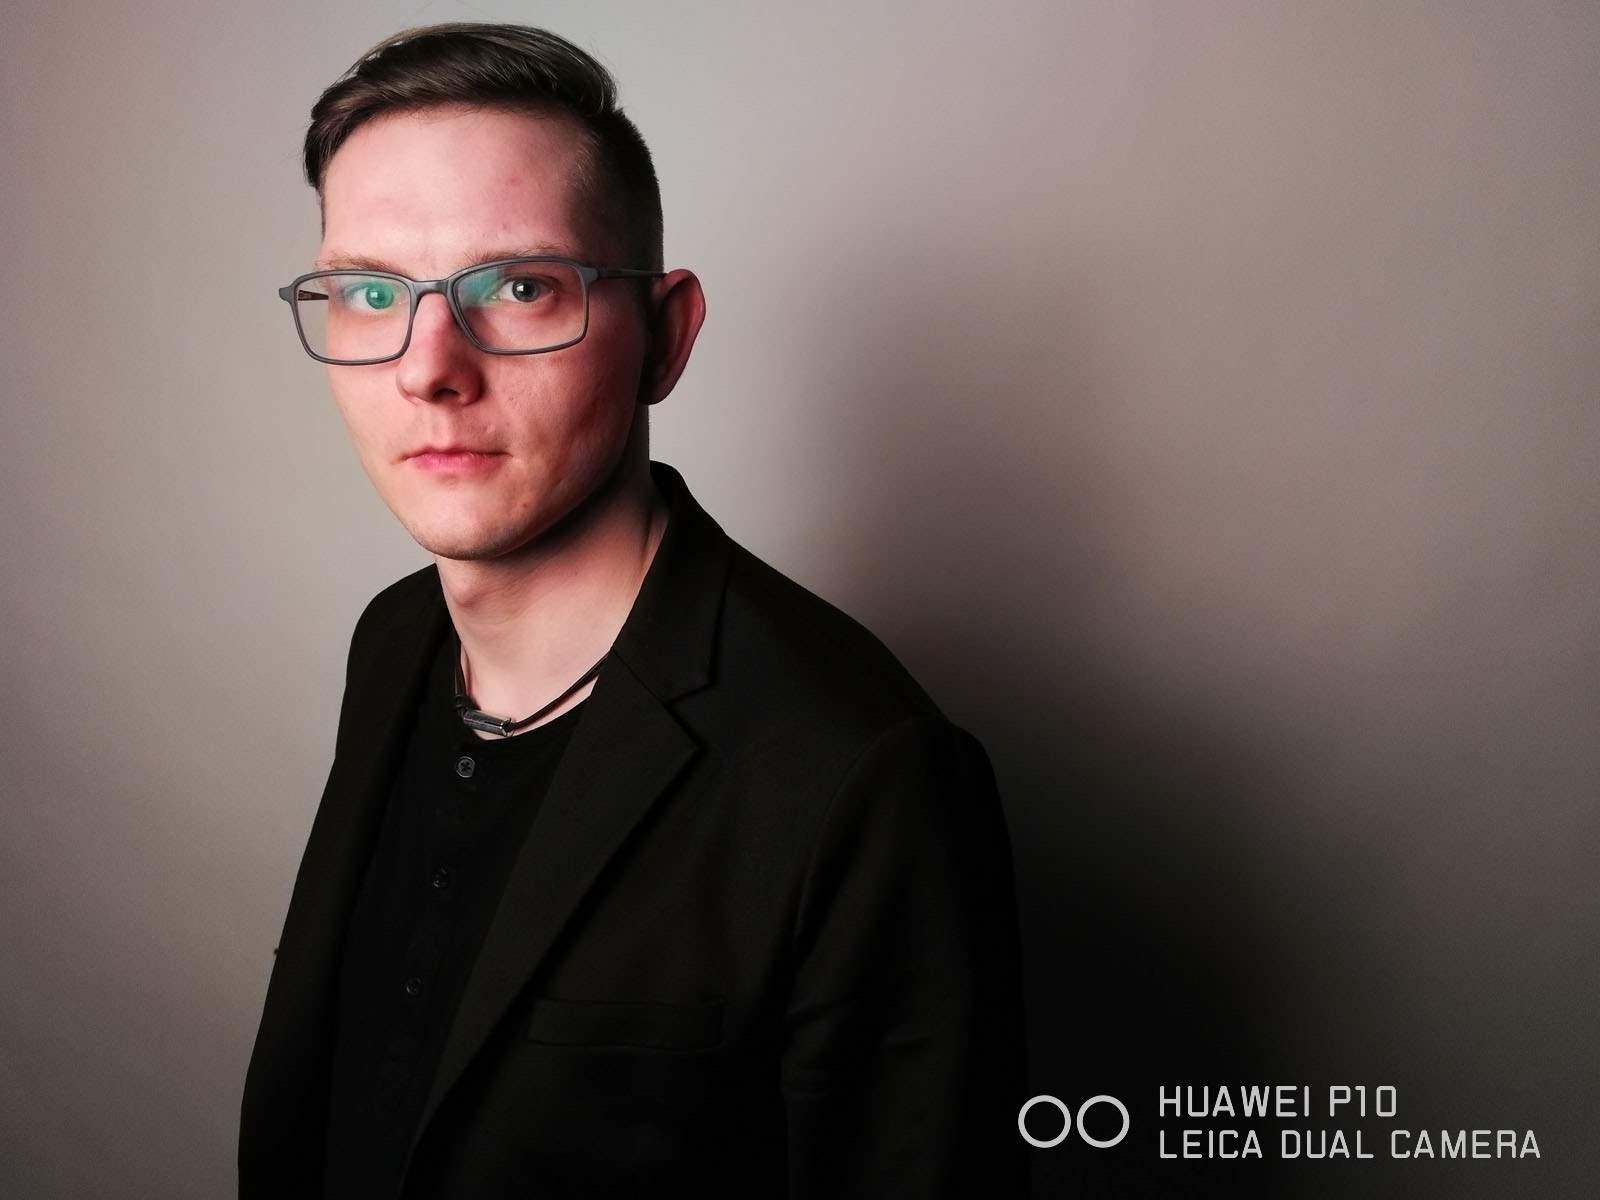 Jacek Poremba sfotografował Bartłomieja Kossakowskiego z naszej redakcji, korzystając z telefonu Huawei P10